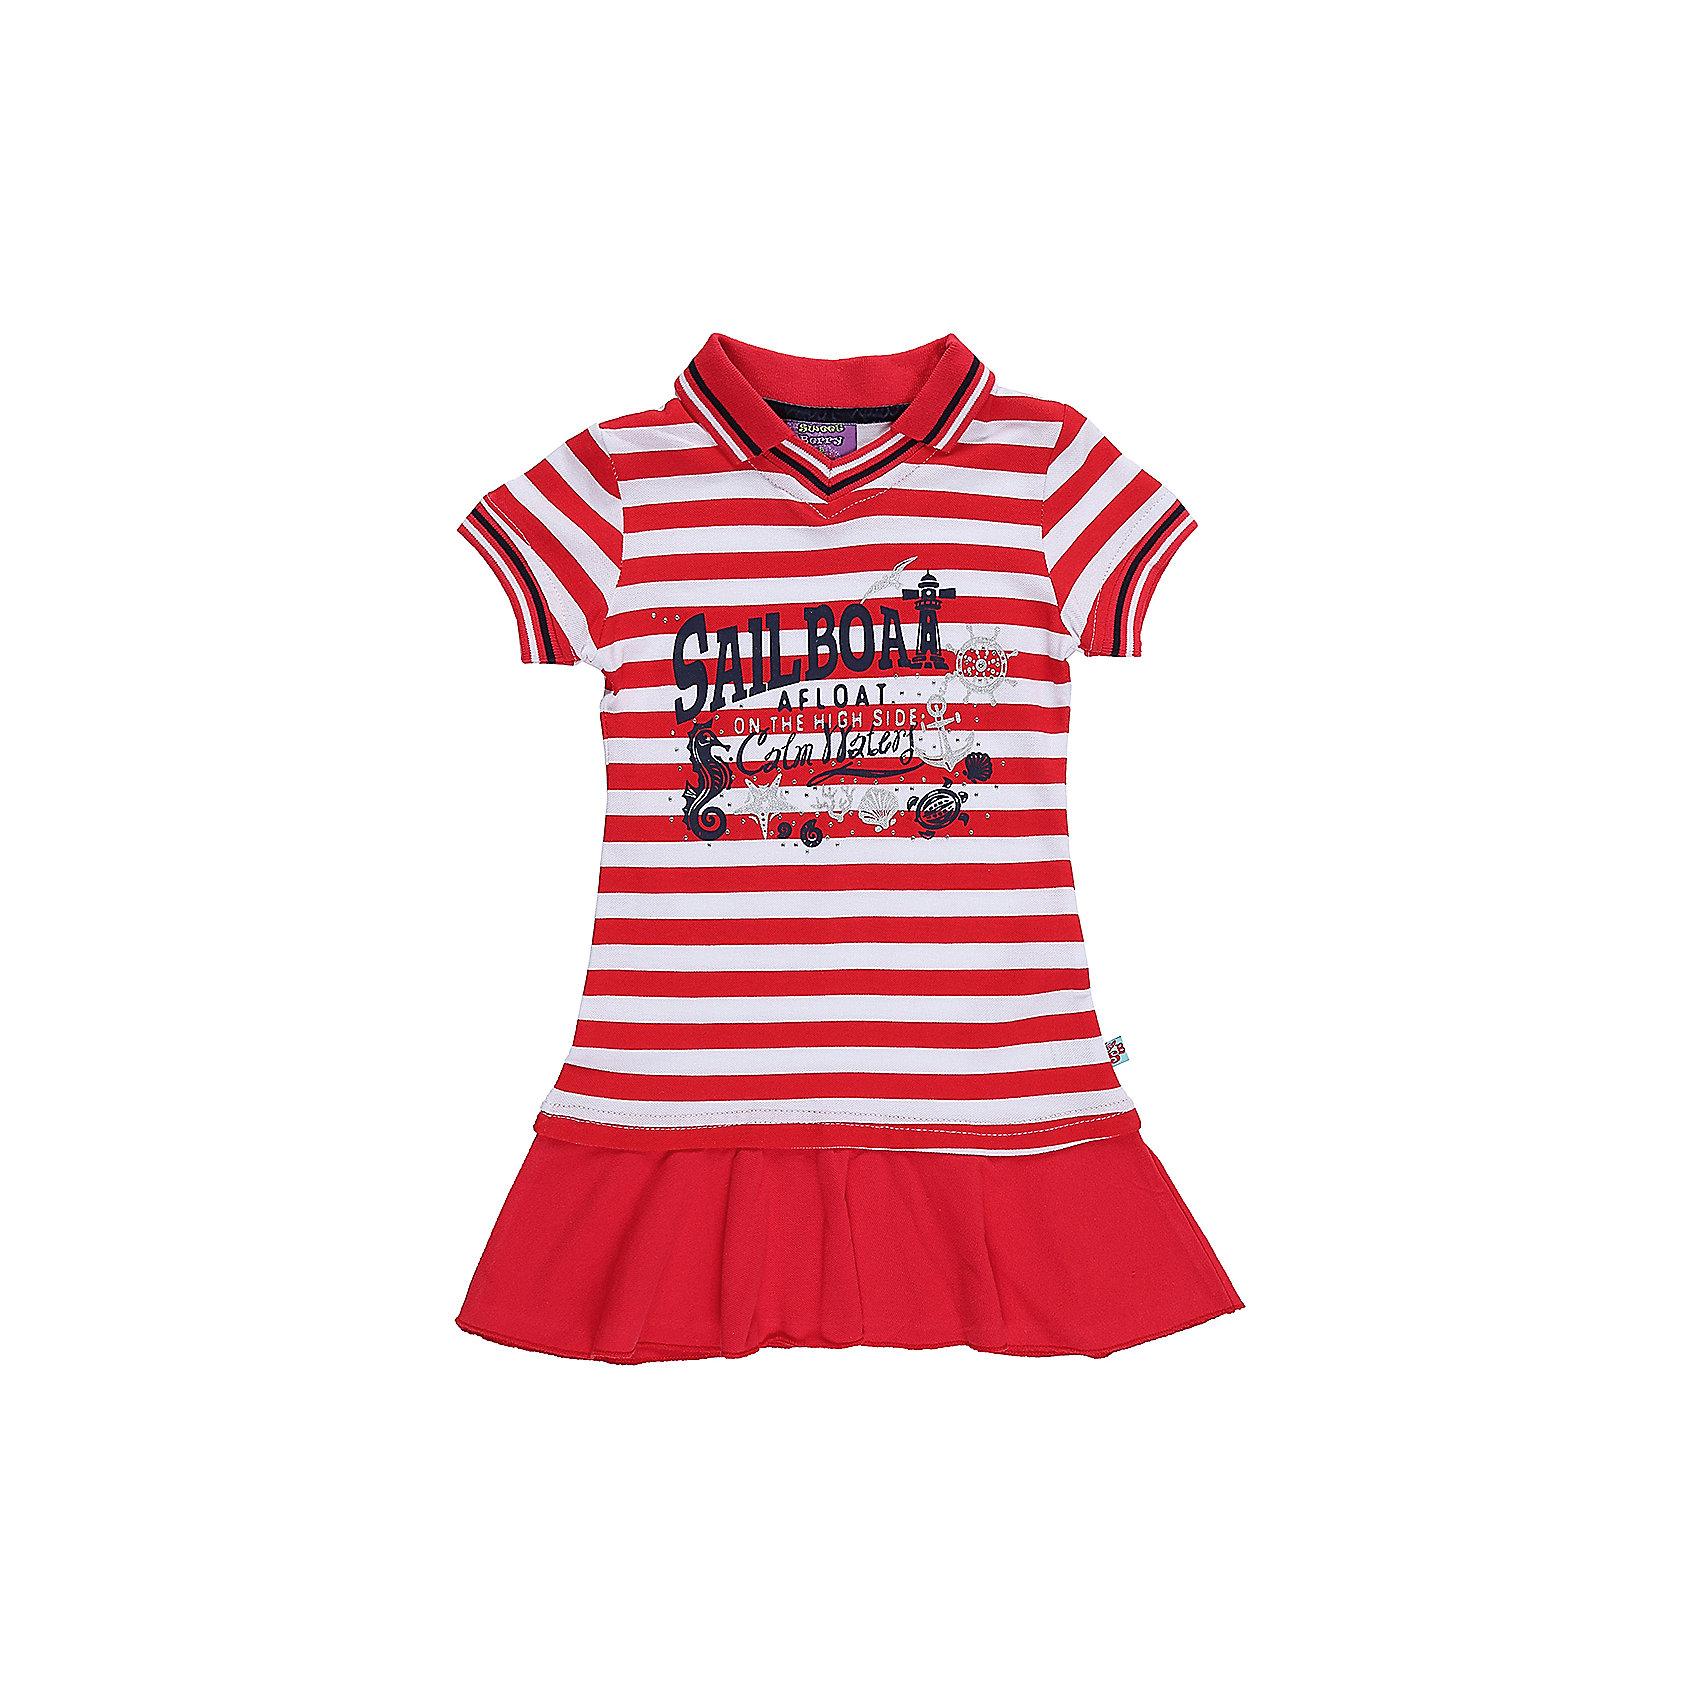 Платье для девочки Sweet BerryЛетние платья и сарафаны<br>Трикотажное платье для девочки с воротником-поло в полоску. Декорировано принтом и воланом по низу изделия.<br>Состав:<br>100%хлопок<br><br>Ширина мм: 236<br>Глубина мм: 16<br>Высота мм: 184<br>Вес г: 177<br>Цвет: разноцветный<br>Возраст от месяцев: 72<br>Возраст до месяцев: 84<br>Пол: Женский<br>Возраст: Детский<br>Размер: 122,128,104,98,110,116<br>SKU: 5412162